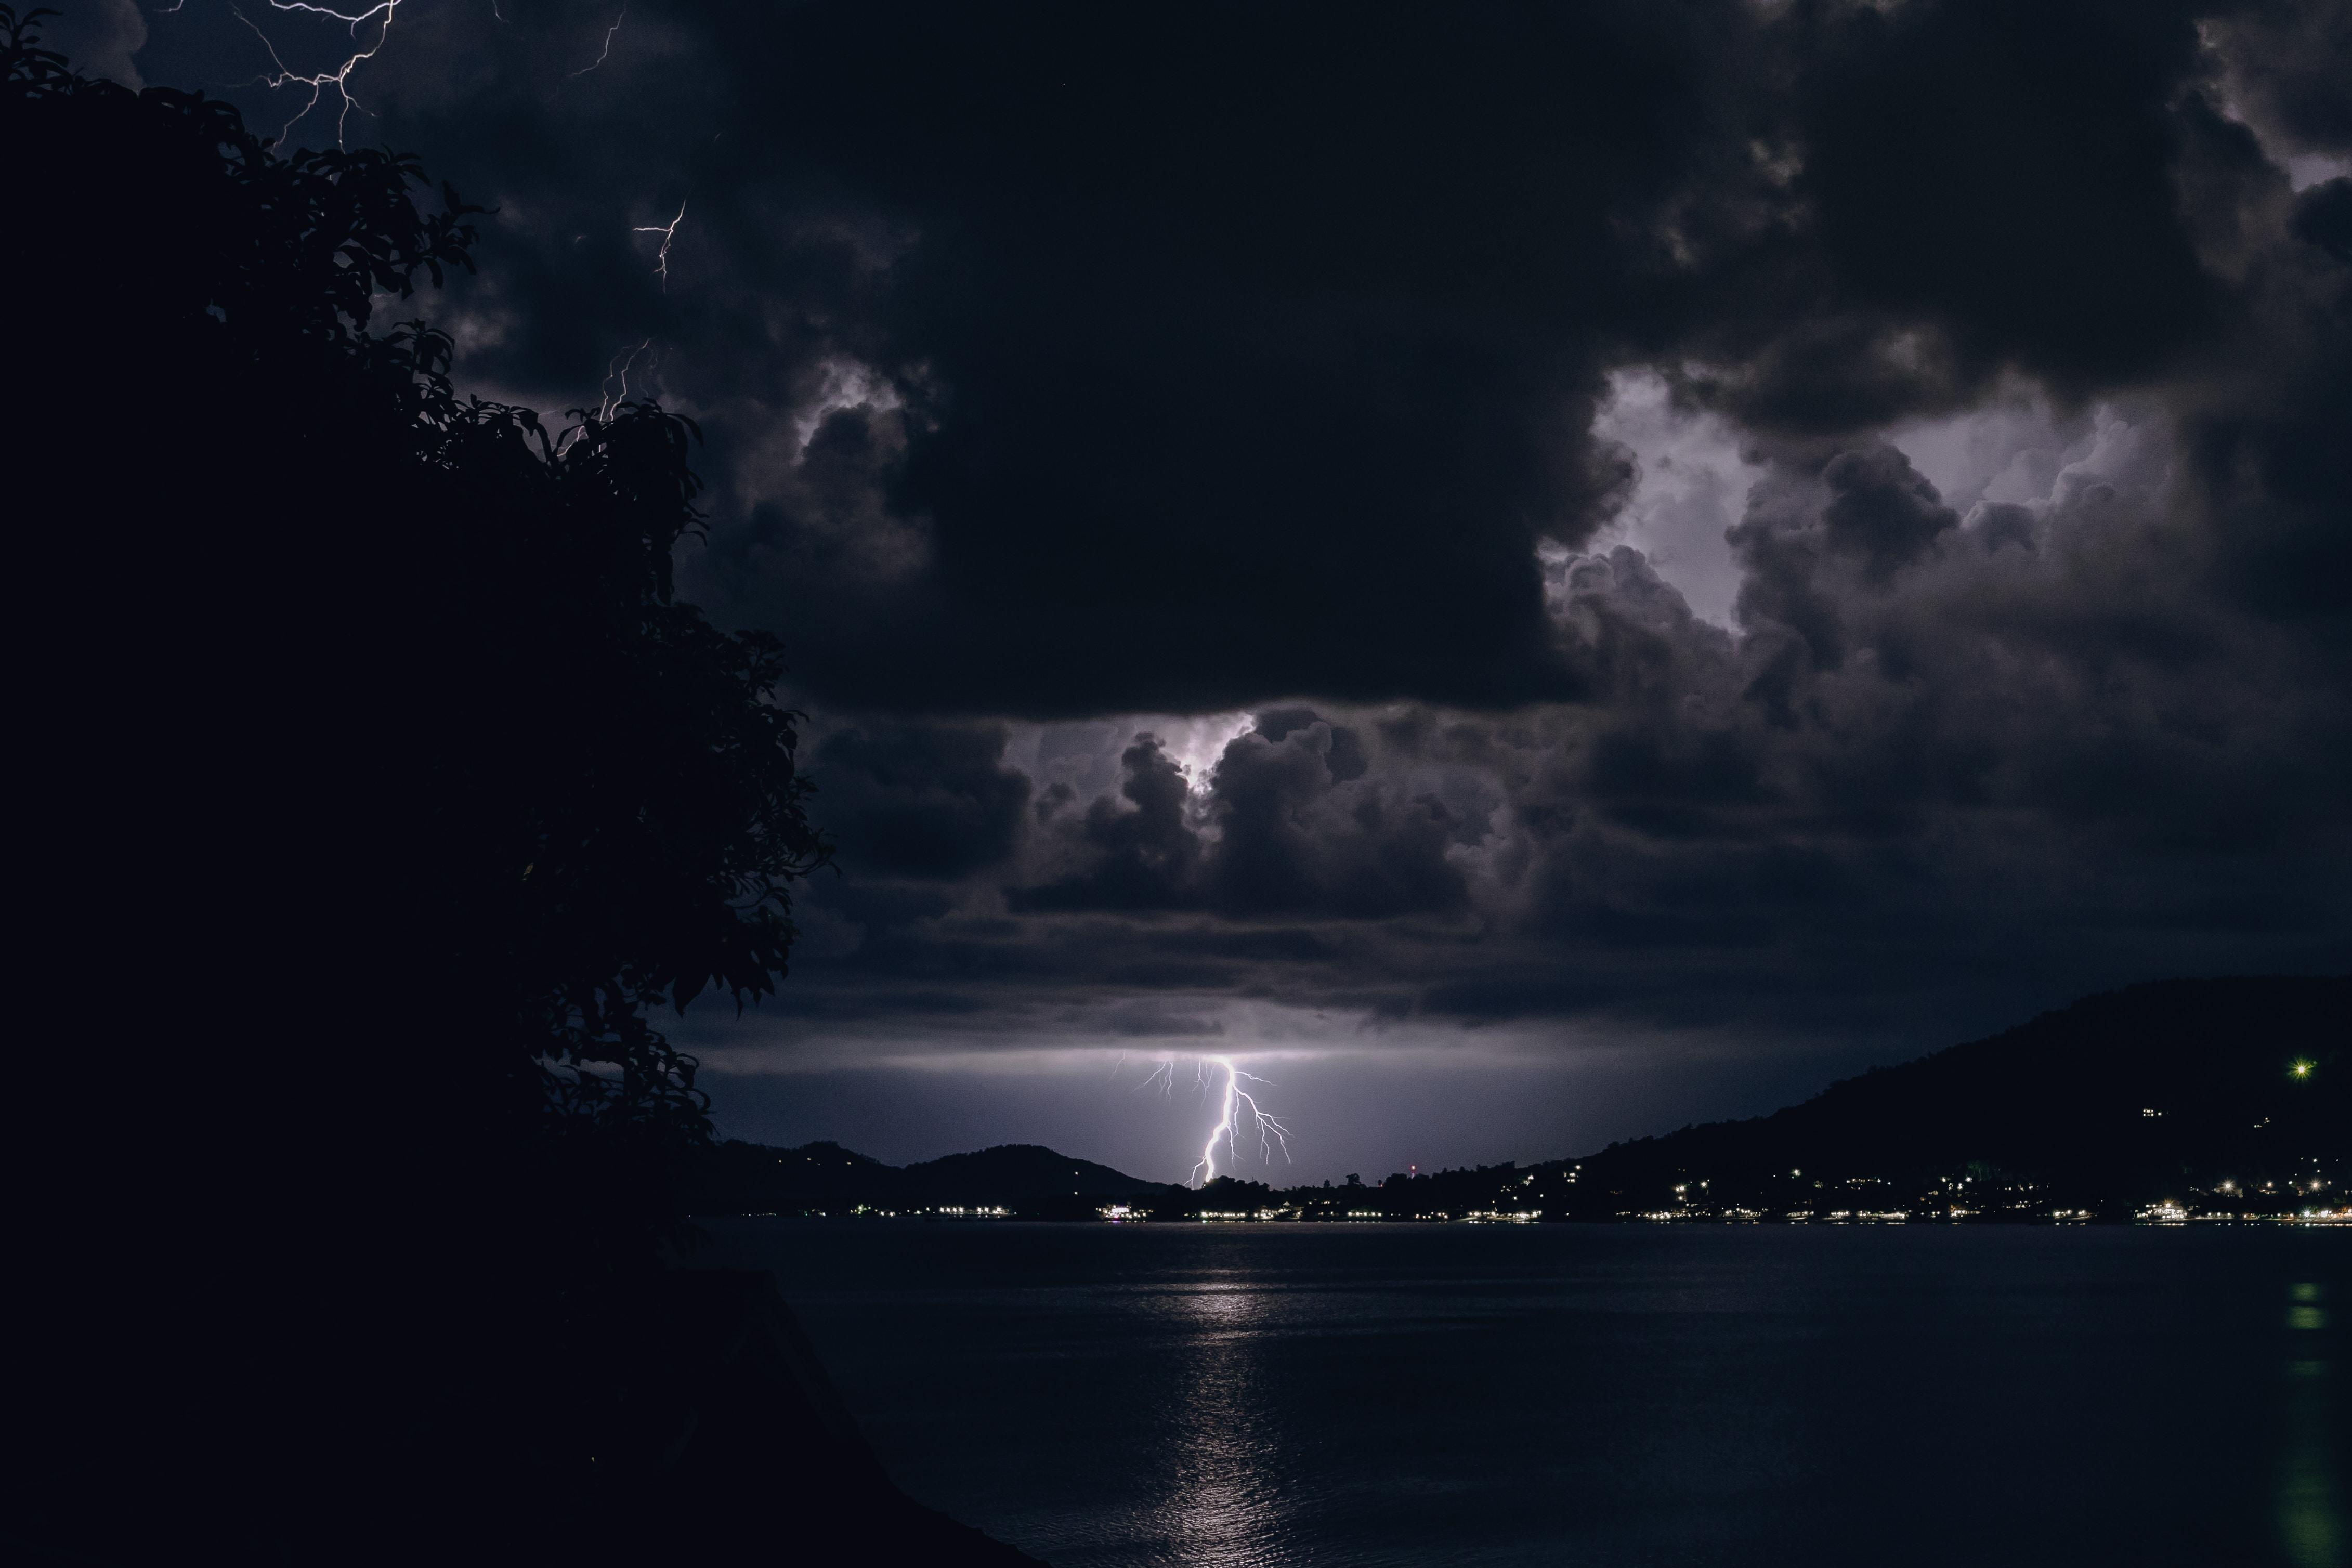 body of water near town under dark clouds